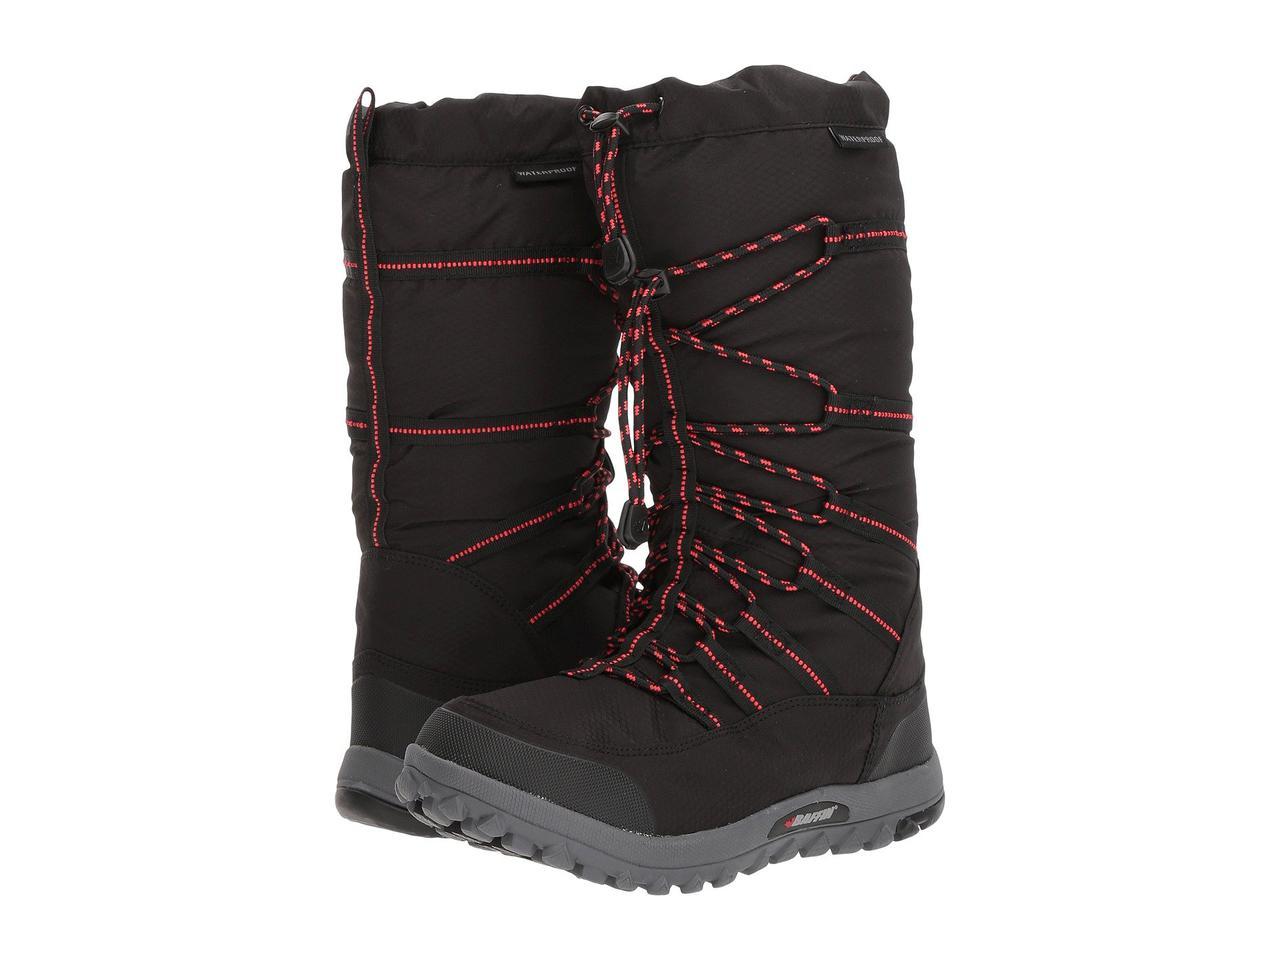 Ботинки/Сапоги (Оригинал) Baffin Escalate Black/Red